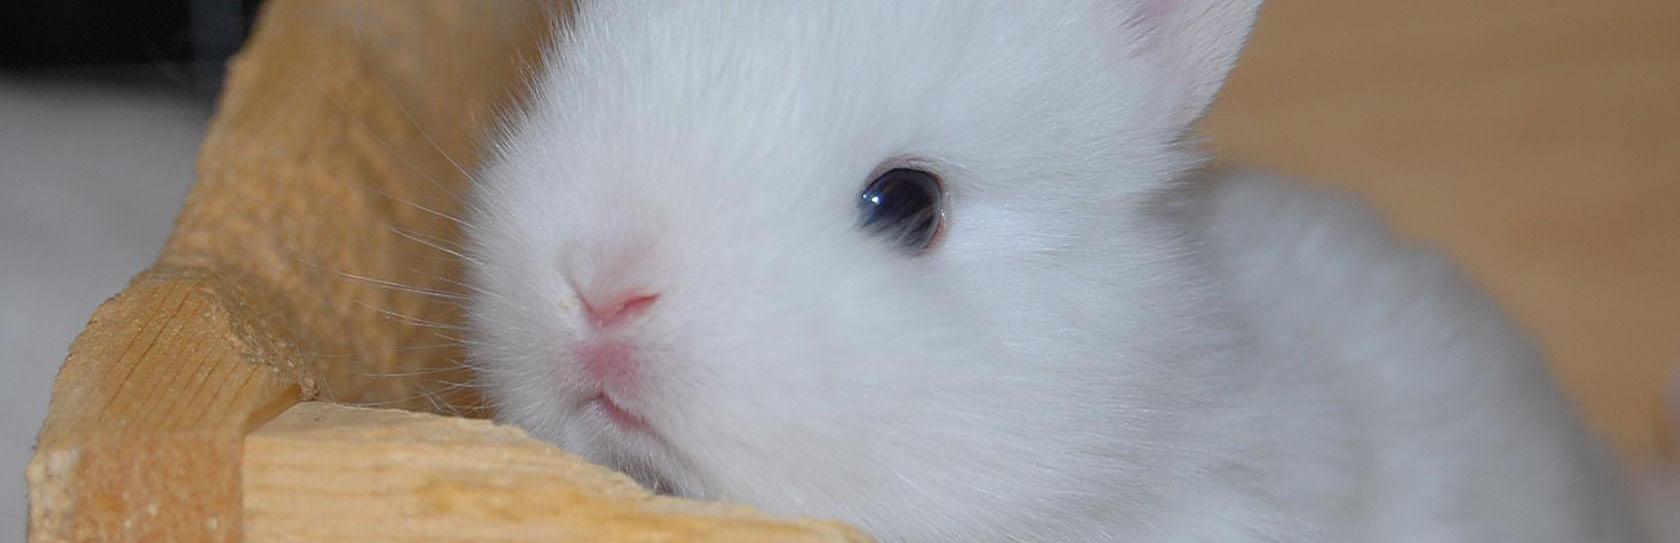 Почему декоративный кролик лижет вещи